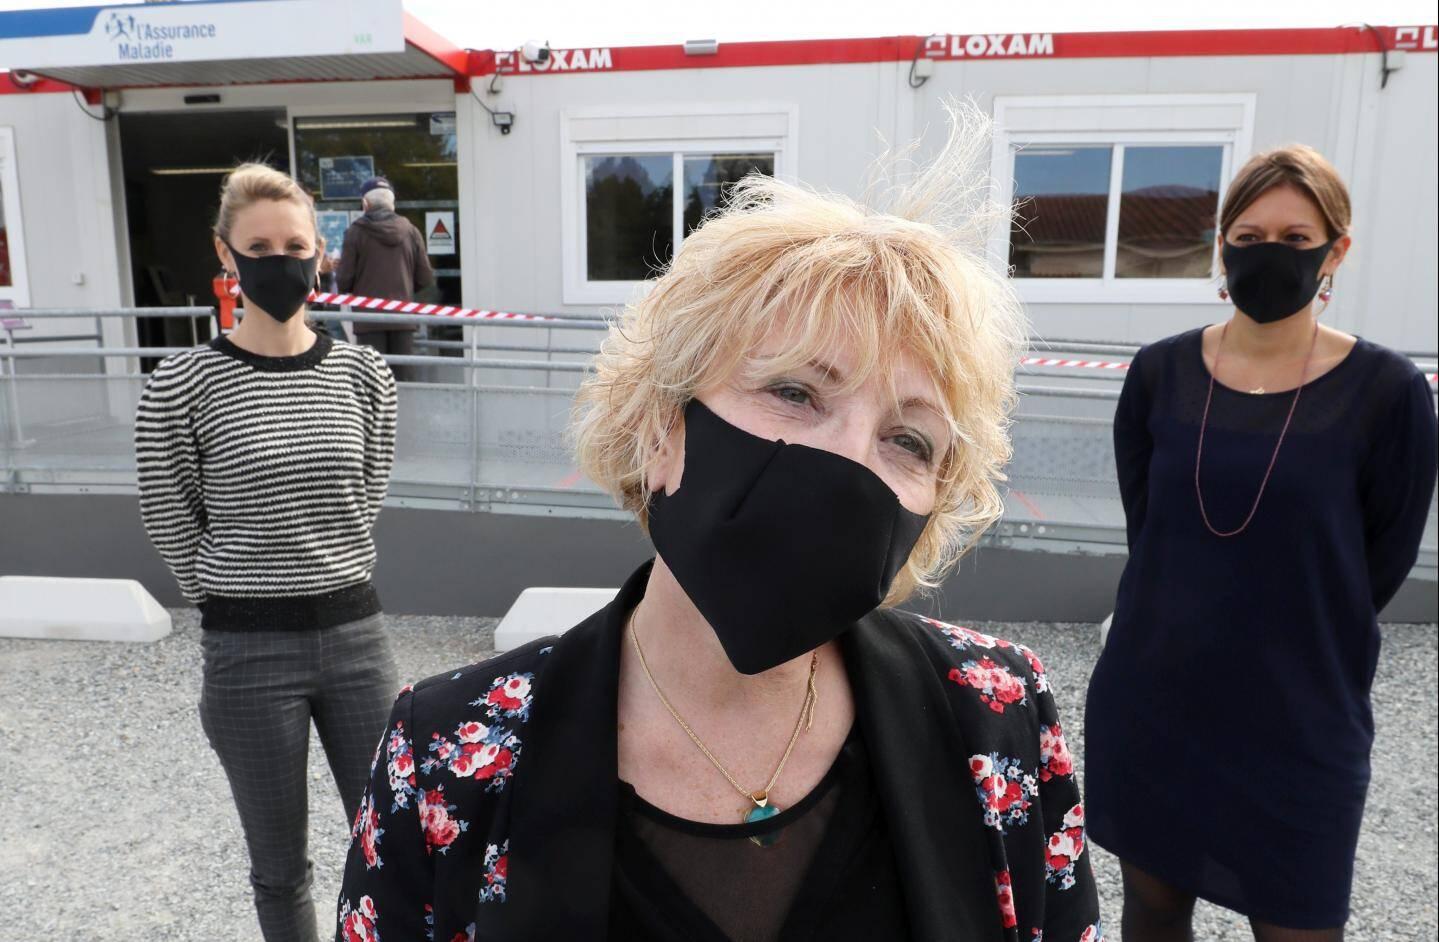 La directrice Marie-Cécile Saulais, devant Marion Bedos et Fanny Anic-Mongin.